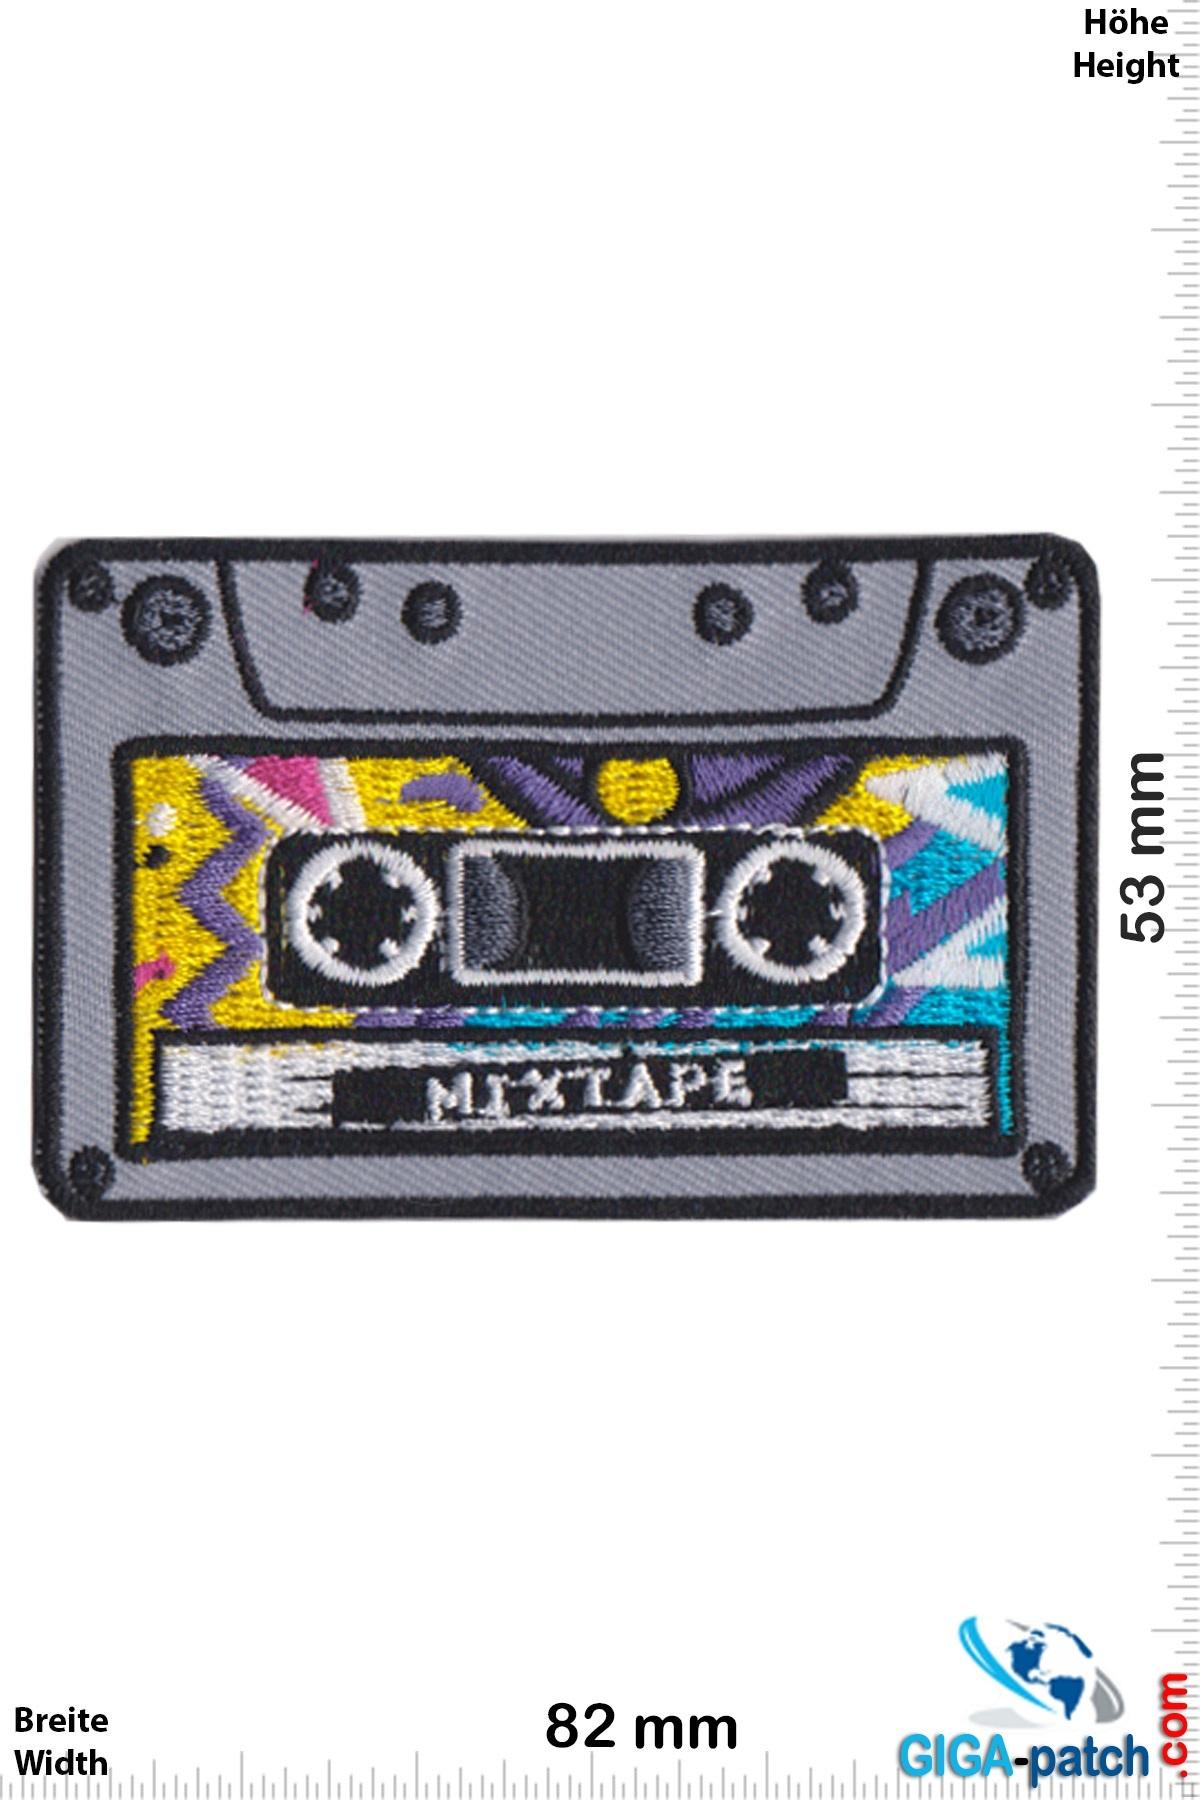 DJ Music Cassette - Mixtape